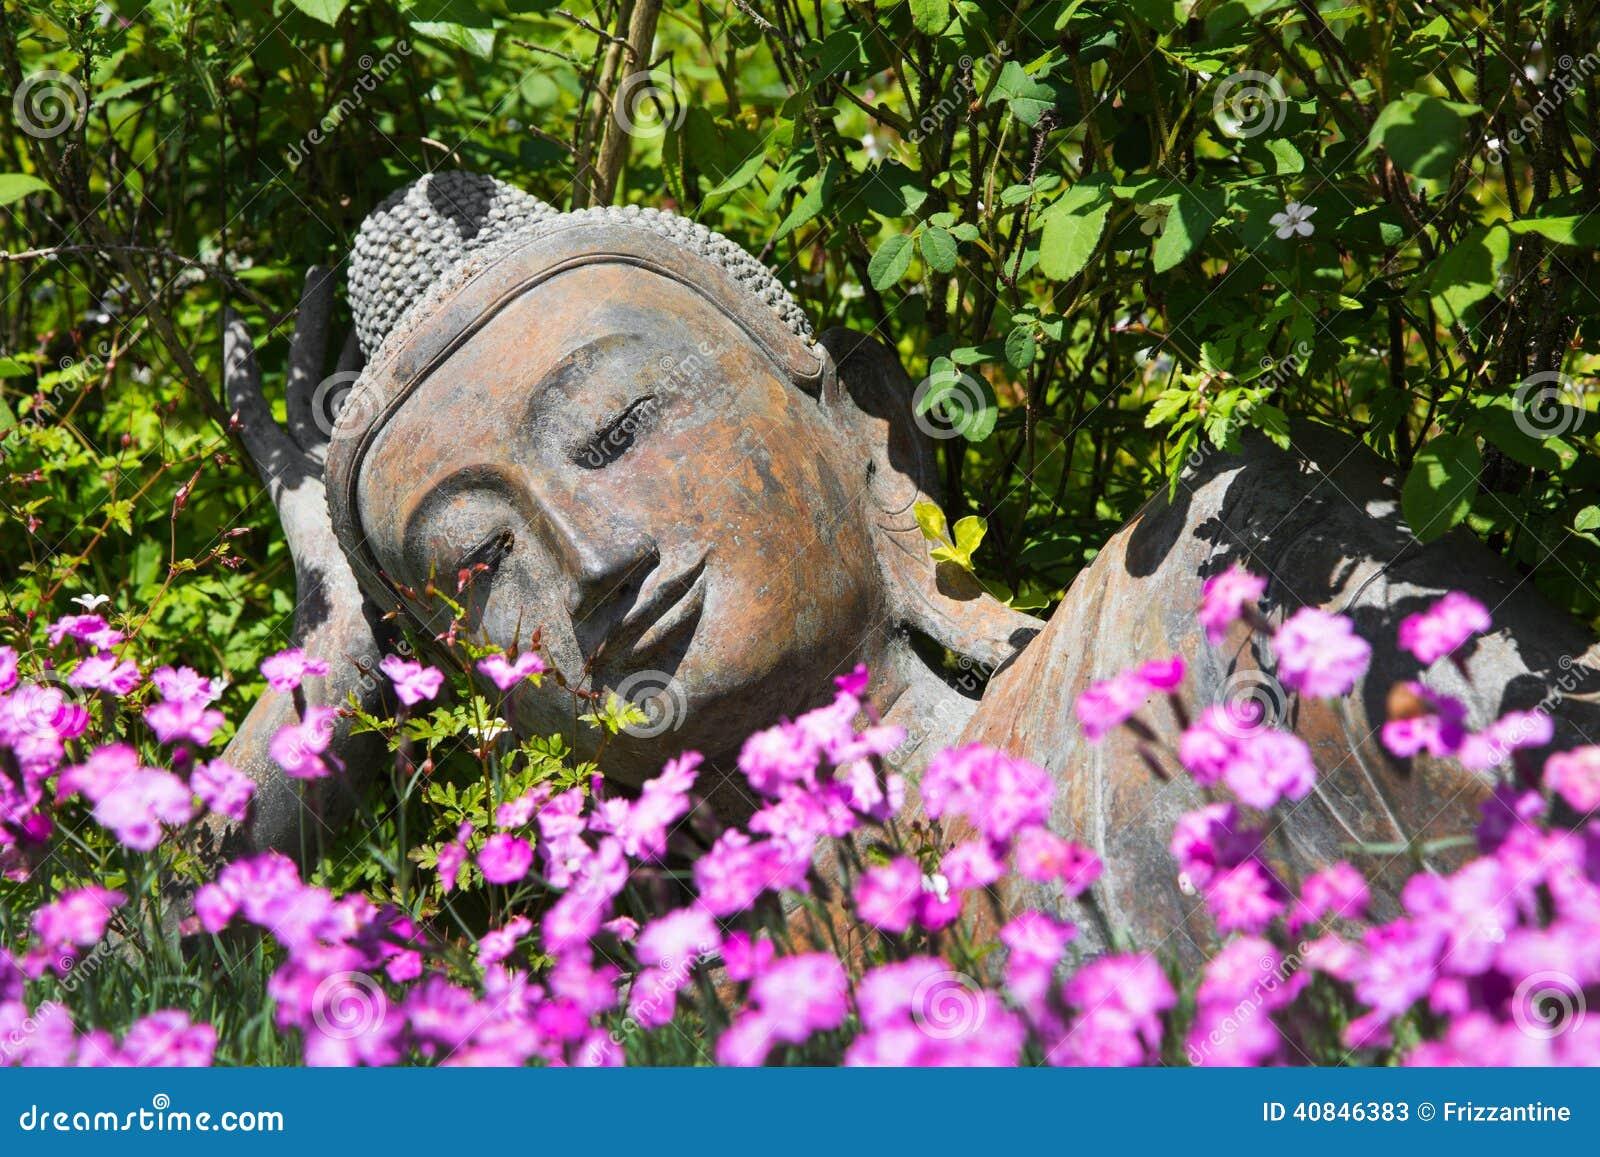 d coration de jardin avec un bouddha menteur photo stock image 40846383. Black Bedroom Furniture Sets. Home Design Ideas